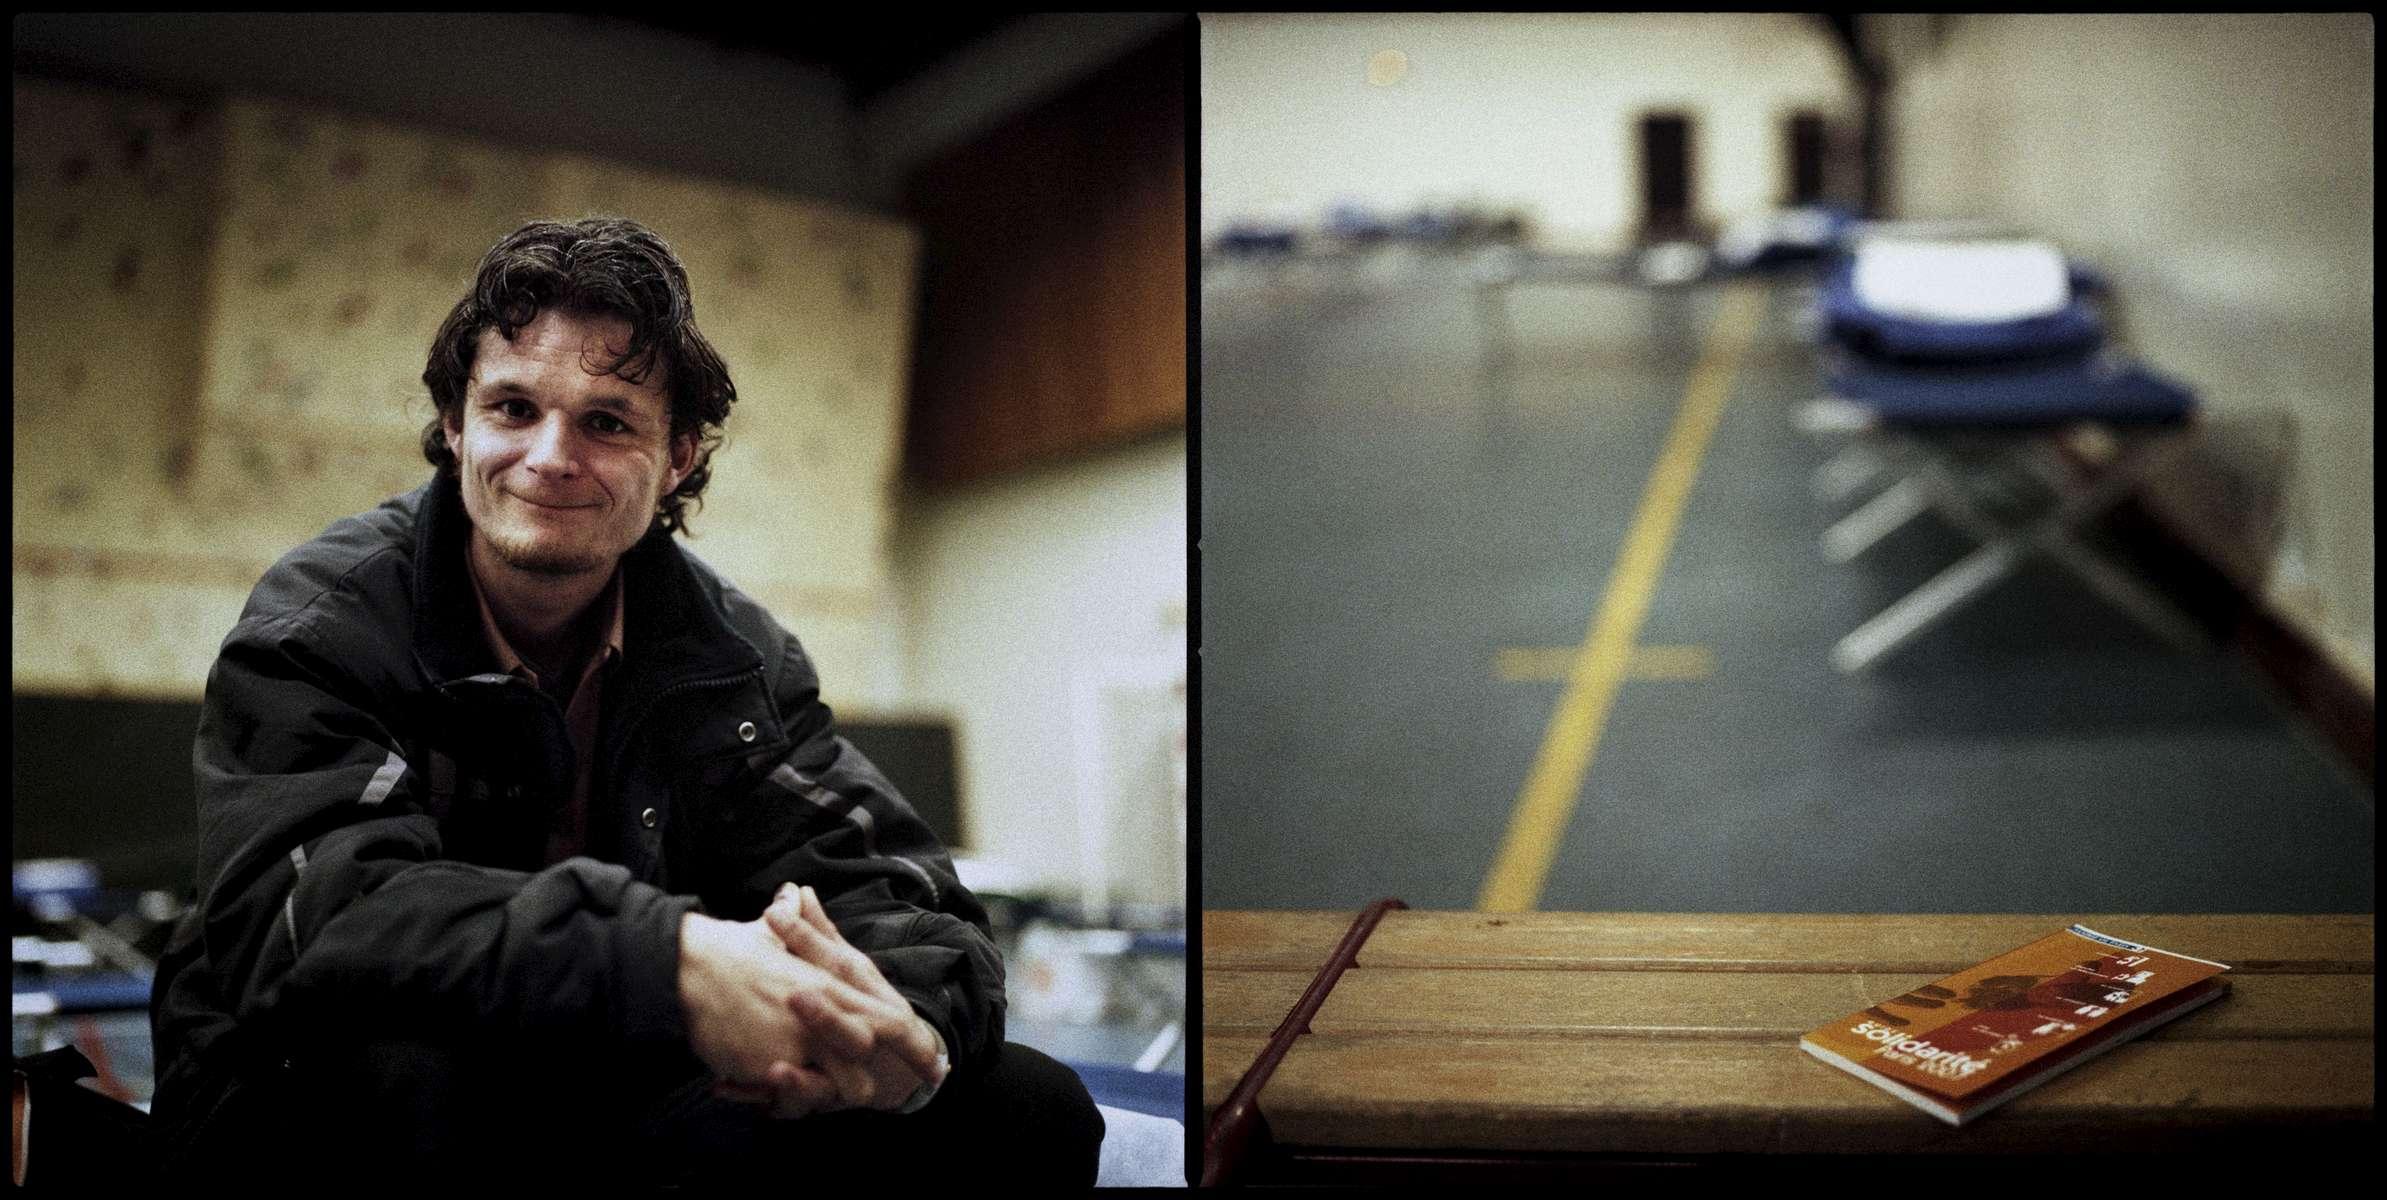 Stéphane, 27 ans, est né à Gonesse.Handicapé et sans logis, il survit avec 600 Euros par mois. Il est en recherche d'emploi.